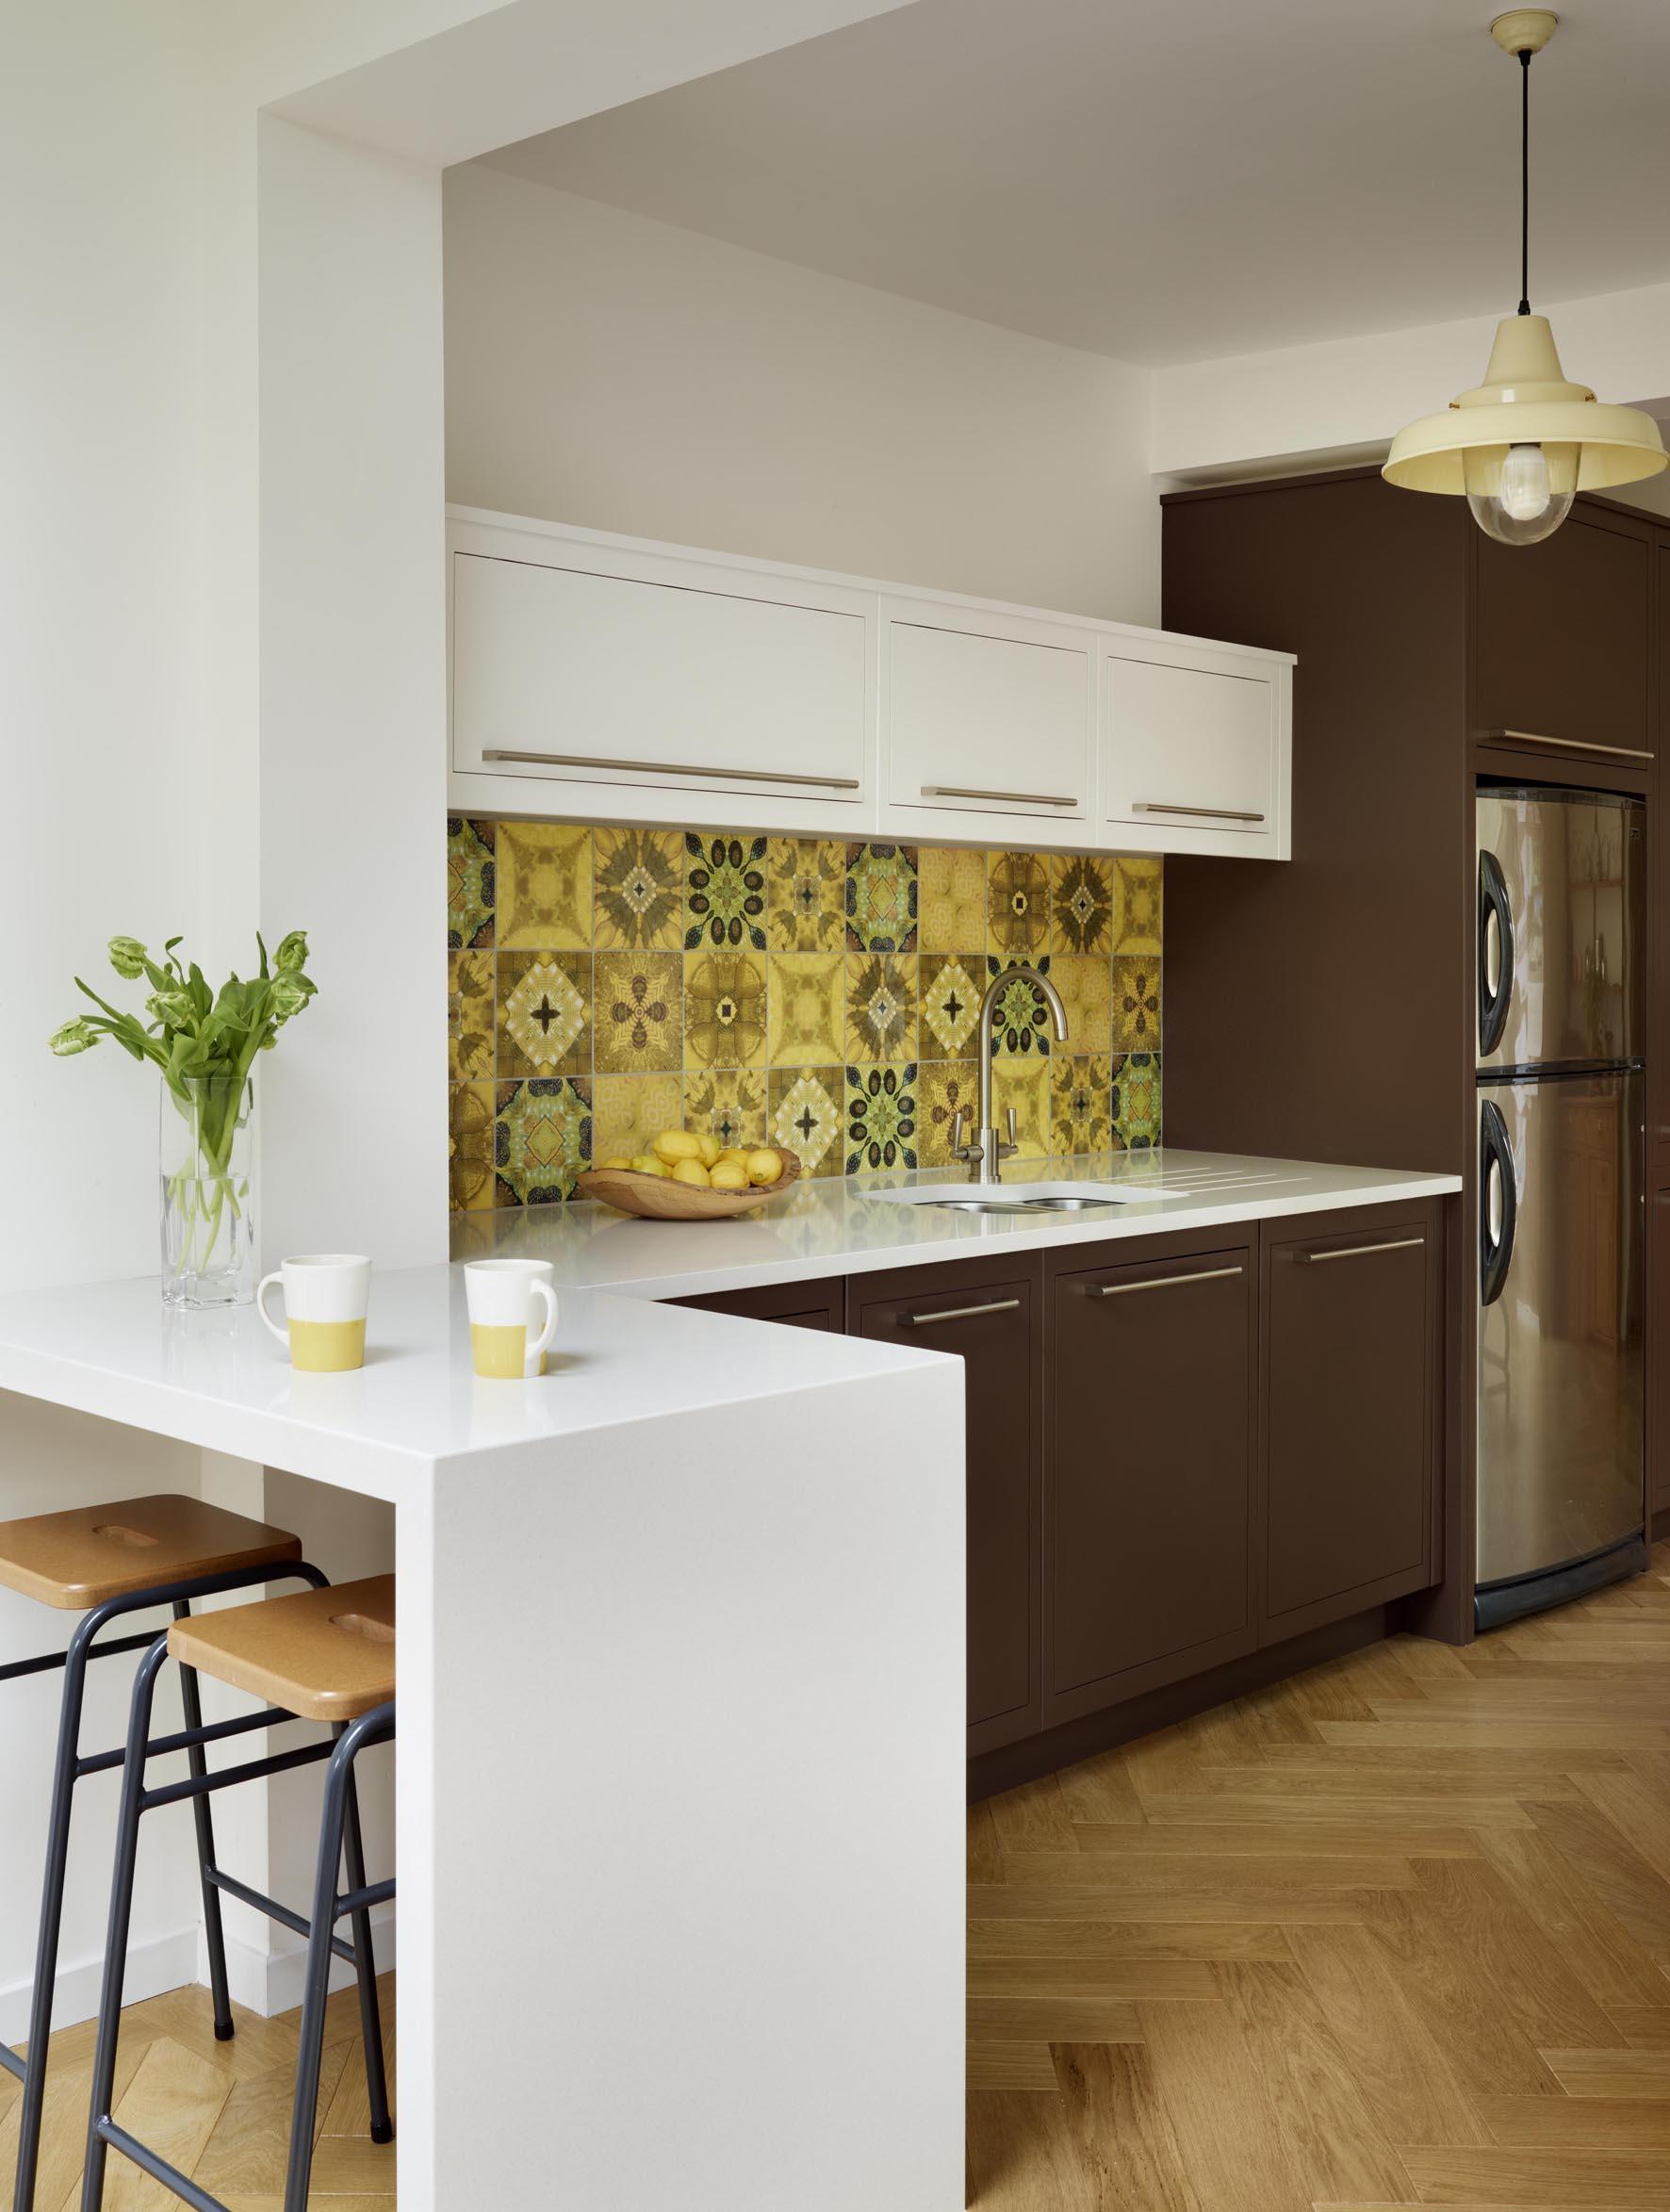 køkken-inspiration-charmerende-hvid-træ-L-formet-små-køkken-design-ideer-med-mørke-brune-kabinetter-poleret-i-åben-køkken-design-chic-lille-køkken-design-idé- møbler-layout-og-arrangeme